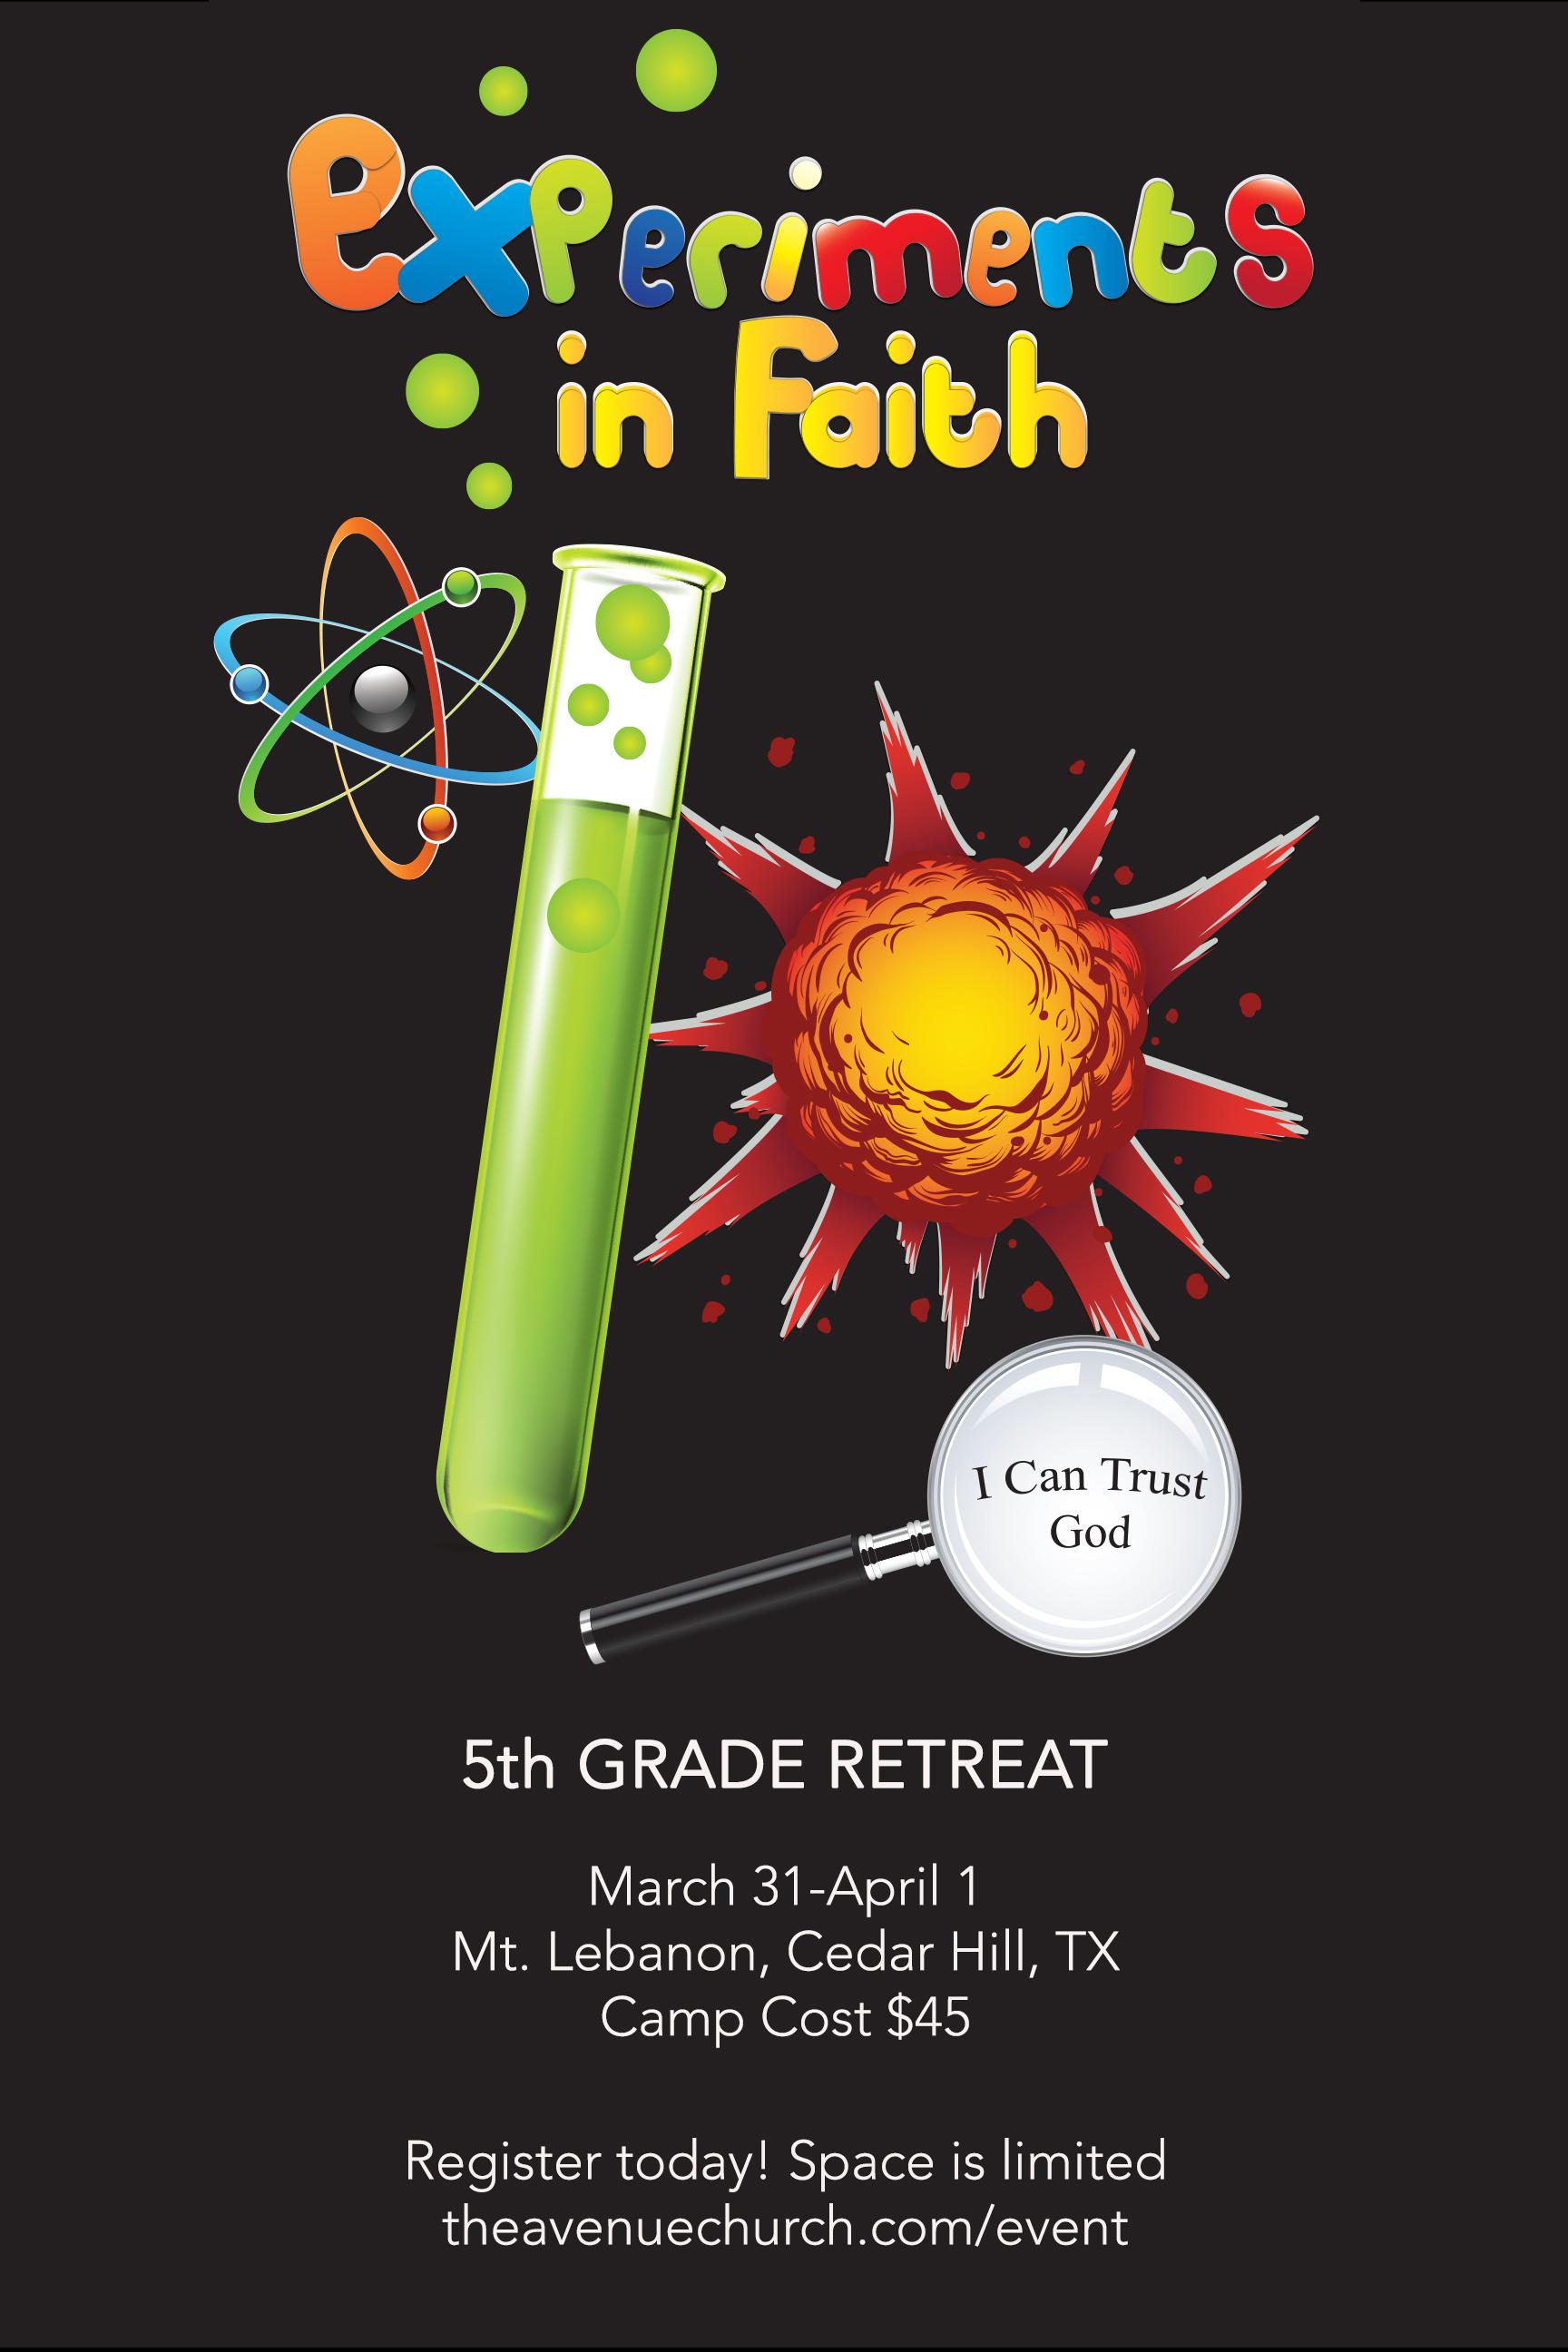 5th grade retreat